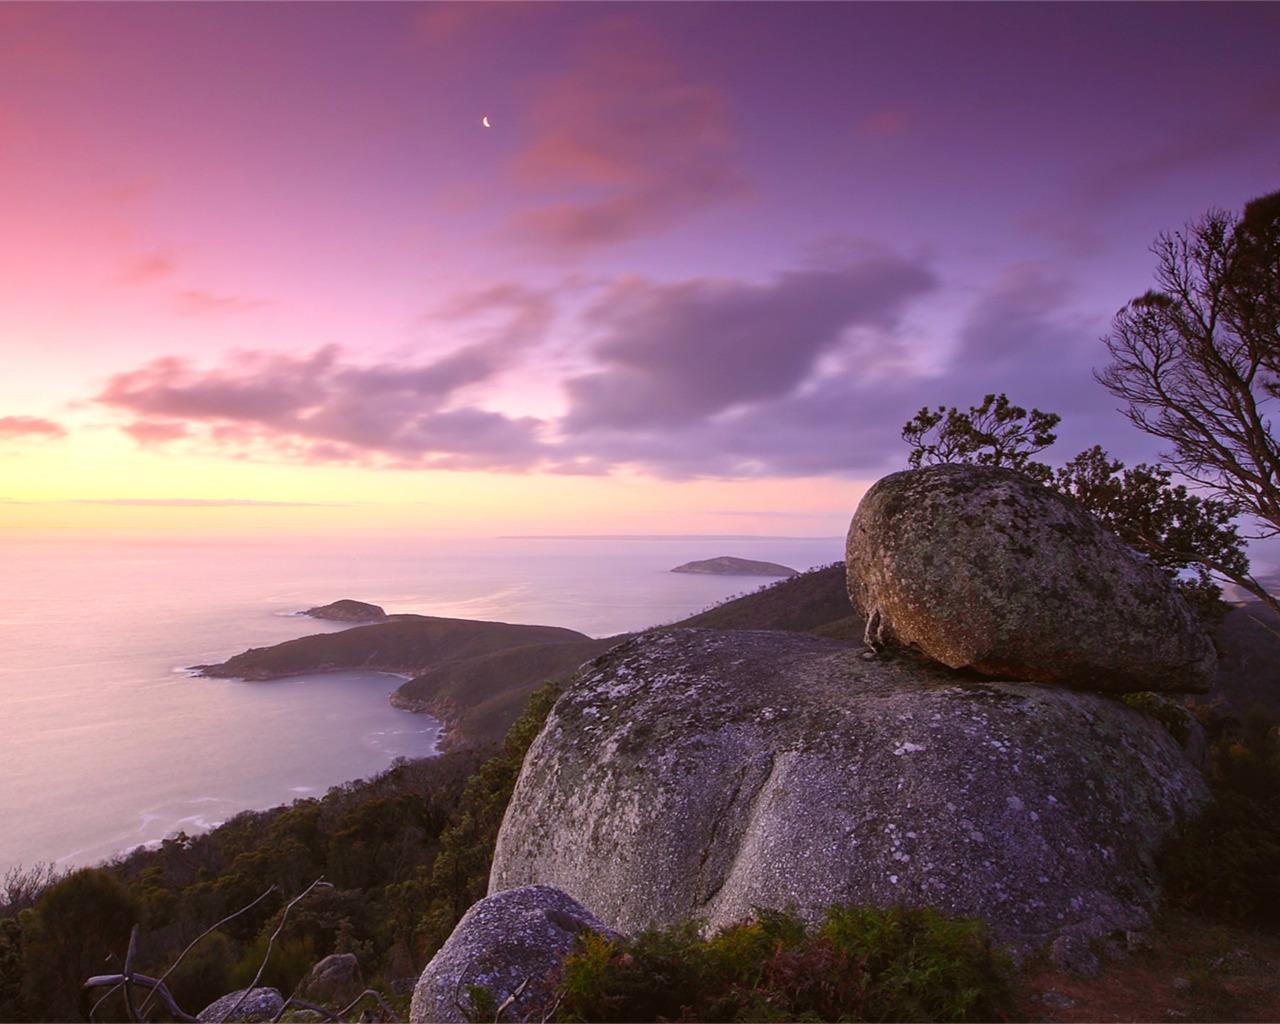 描述: 平静的海面海岸晚上-风景精选壁纸 当前壁纸尺寸: 1280 x 1024图片